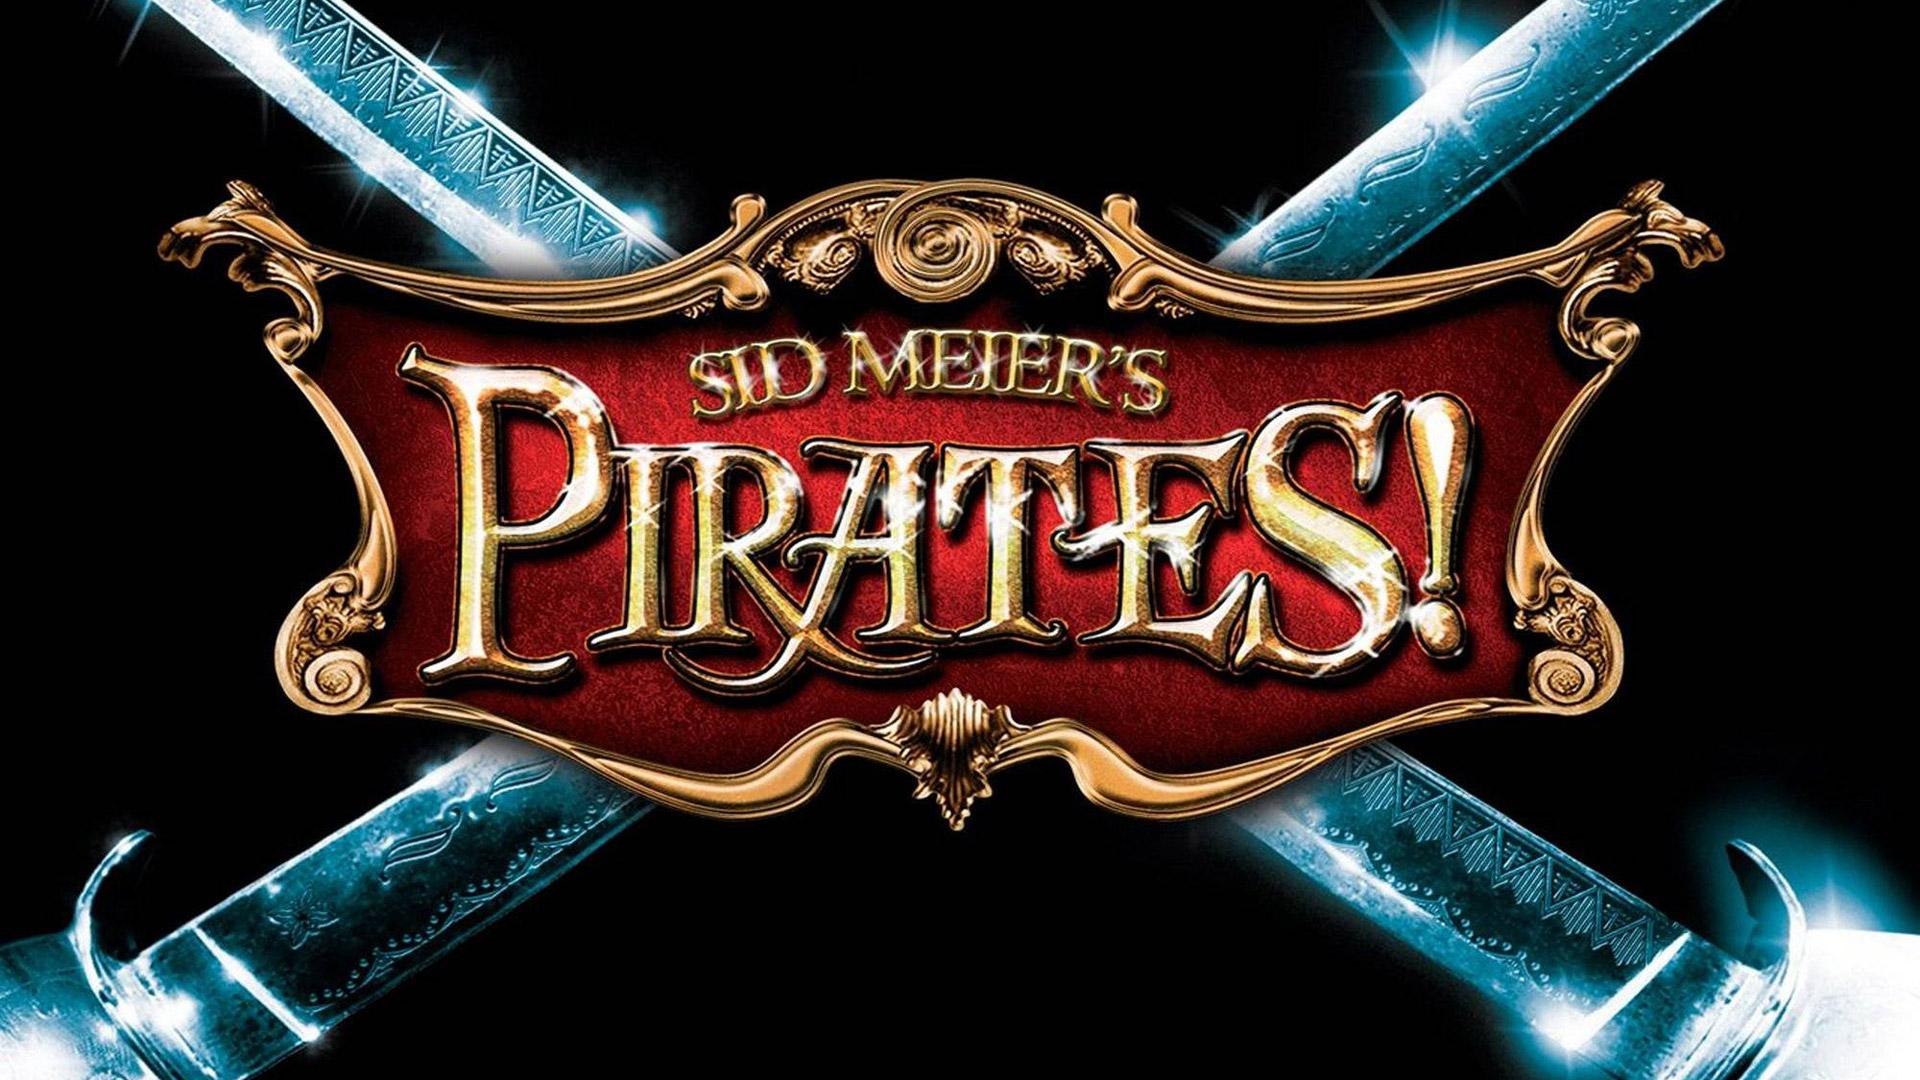 Sid Meier's Pirates! Wallpaper in 1920x1080